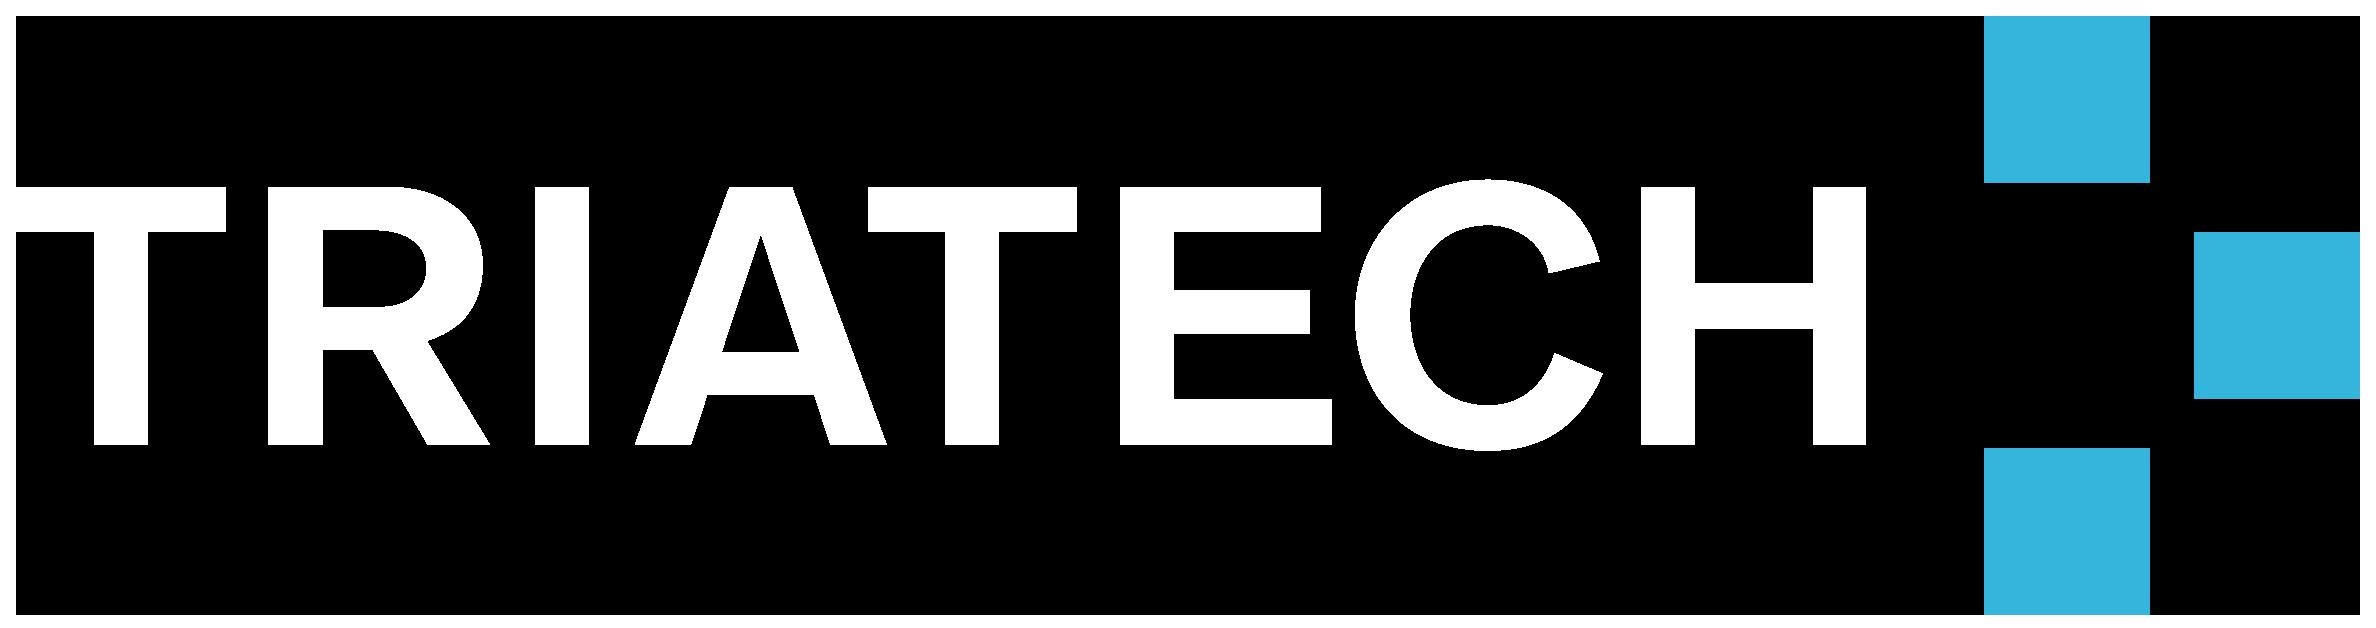 Triatech logotyp